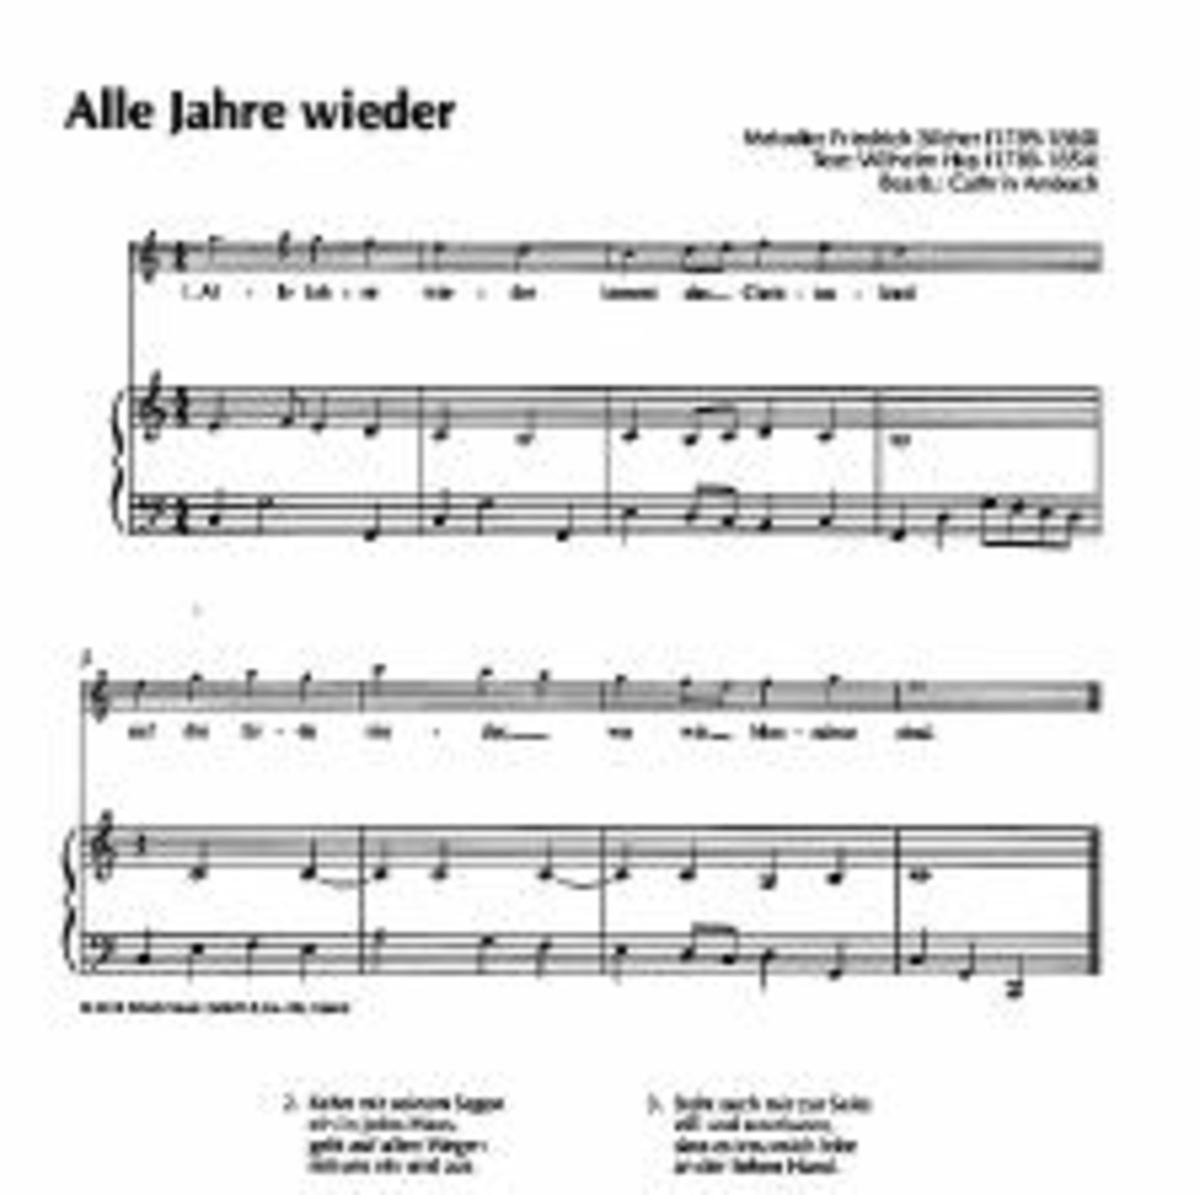 Weihnachtslieder Noten Und Texte Kostenlos.Dvo Druck Und Verlag Obermayer Gmbh